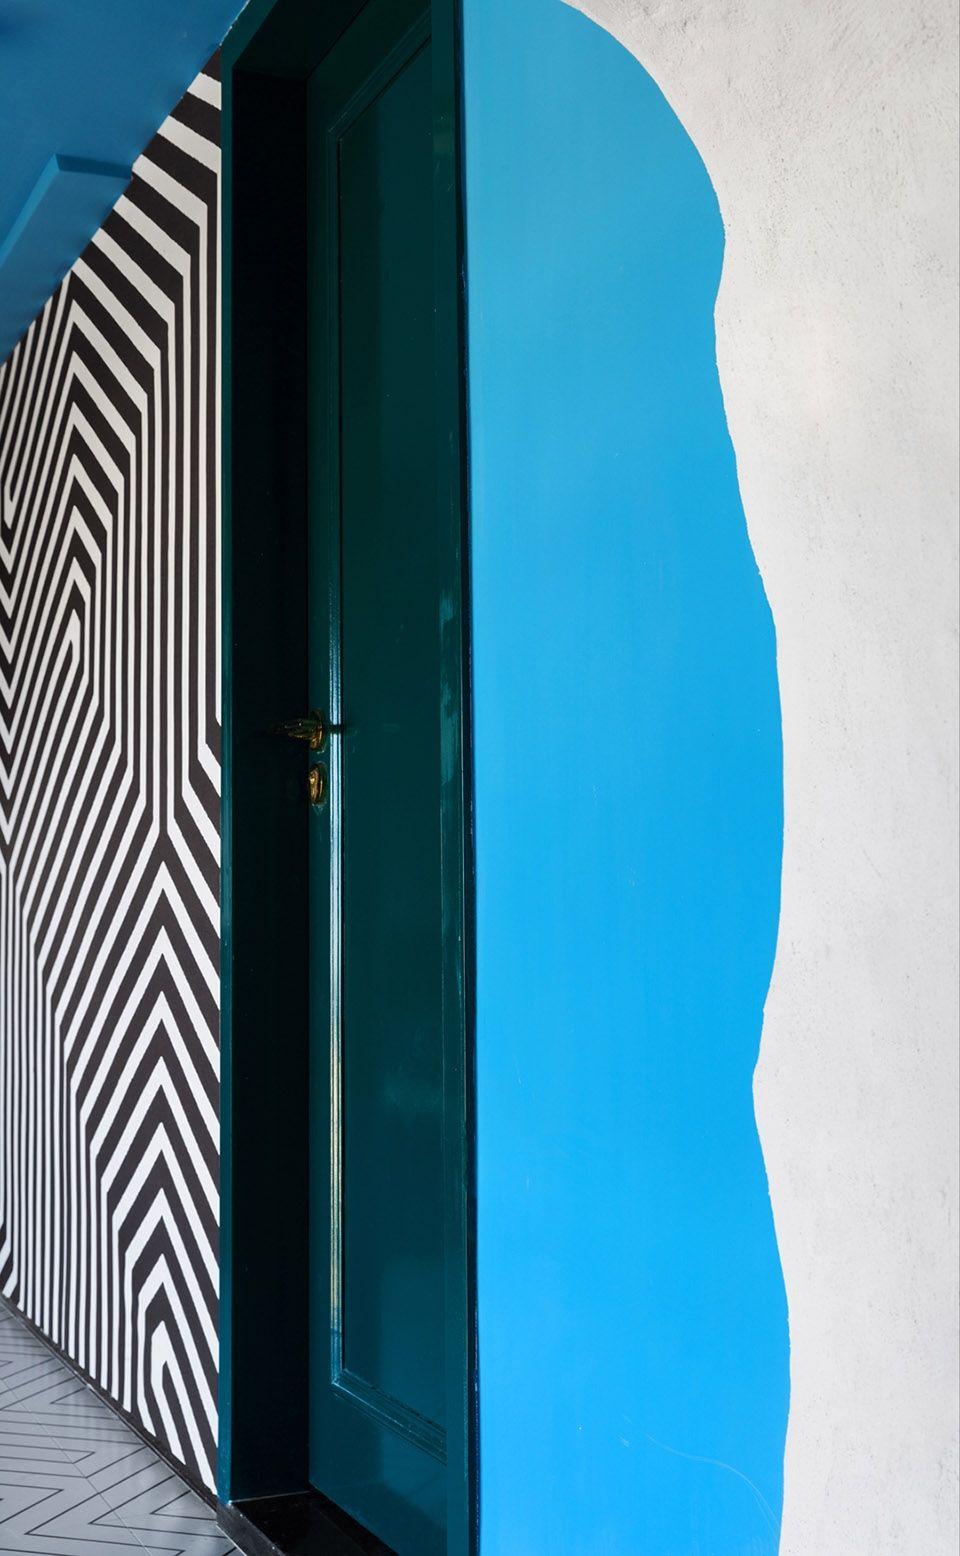 文化和艺术元素深植其中的跨界社交综合体,南昌土耳其轰趴馆 | 工墨设计|黄灿 - 11